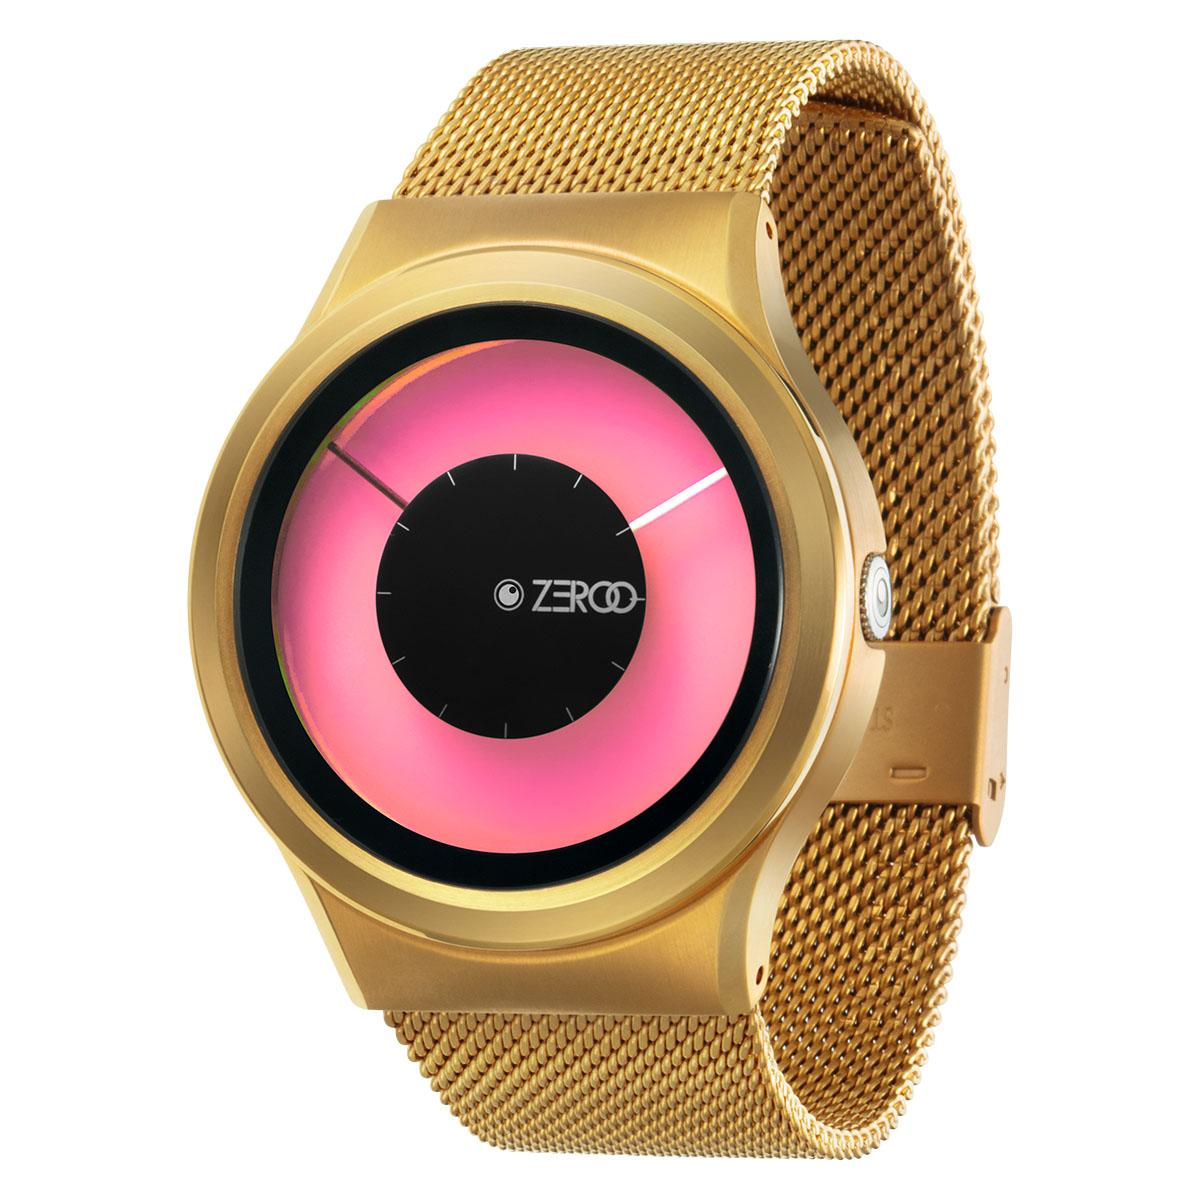 ファッションウォッチ デザインウォッチ 5ATM メーカー保障12ヶ月 ベルト調整用工具 LOGO入りクロス 開店記念セール [並行輸入品] 取扱説明書 ZIIIROとは関係ありません ZEROOTIME ゼロタイム ZEROO MAGIA 腕時計 AURORA ユニセックス ペア用 ピンク 電池式クォーツ ゼロ レディース メンズ おしゃれ時計 デザイナーズ W11025B04SM04